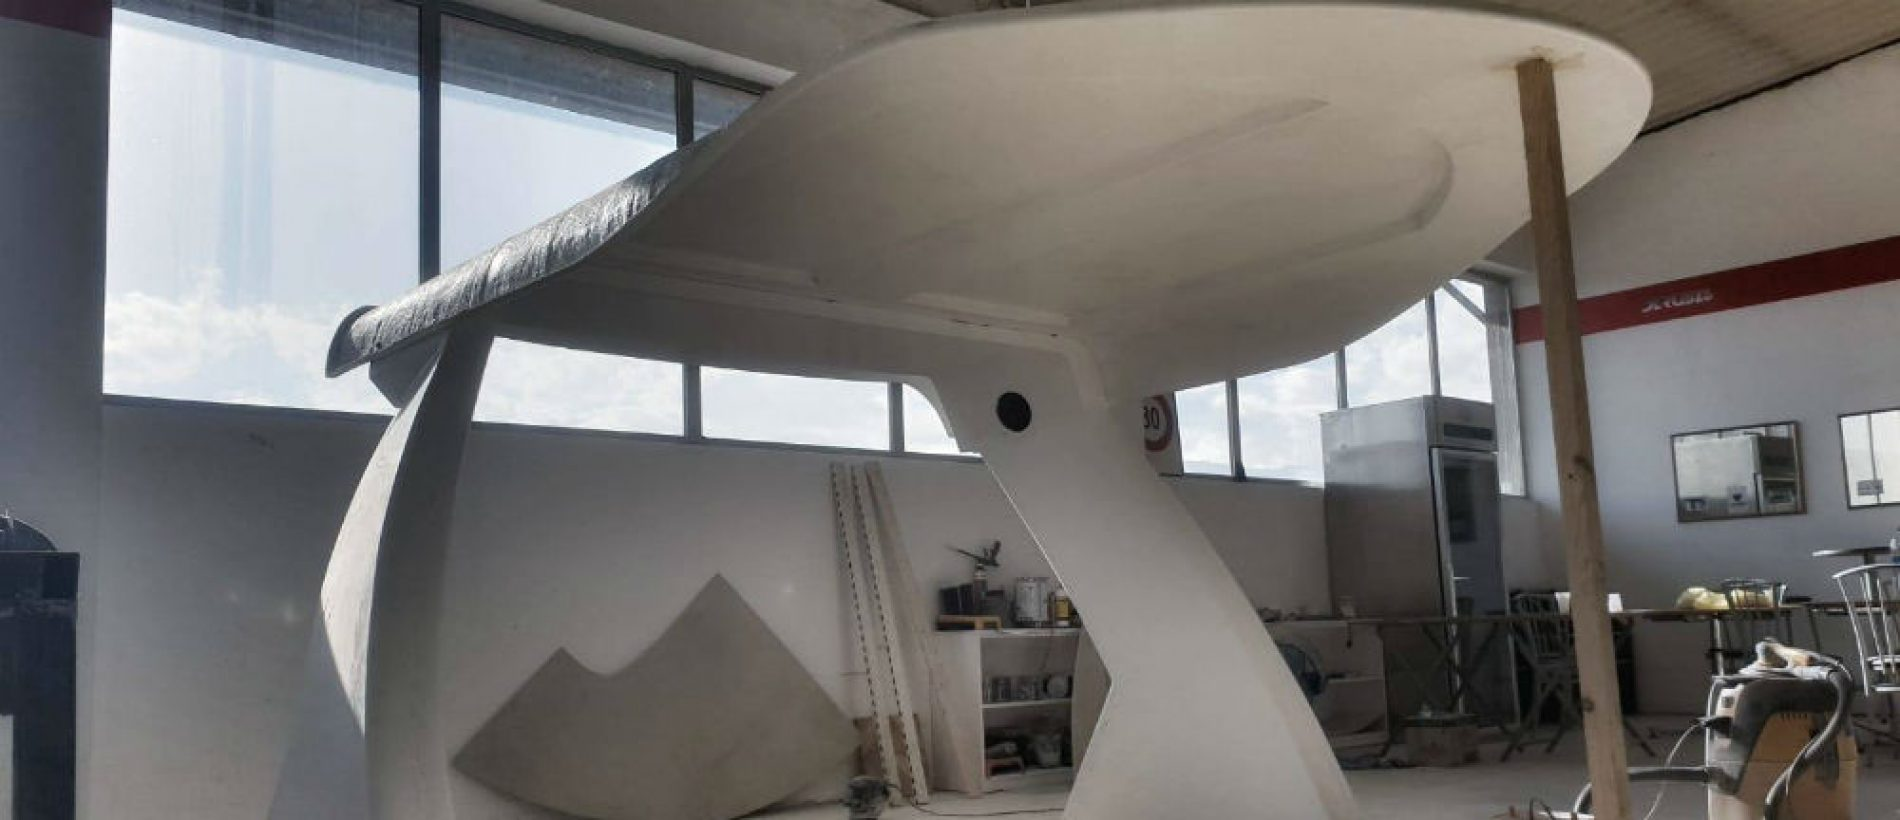 Derubis Yachts radi nove jahte i prikolice za auta